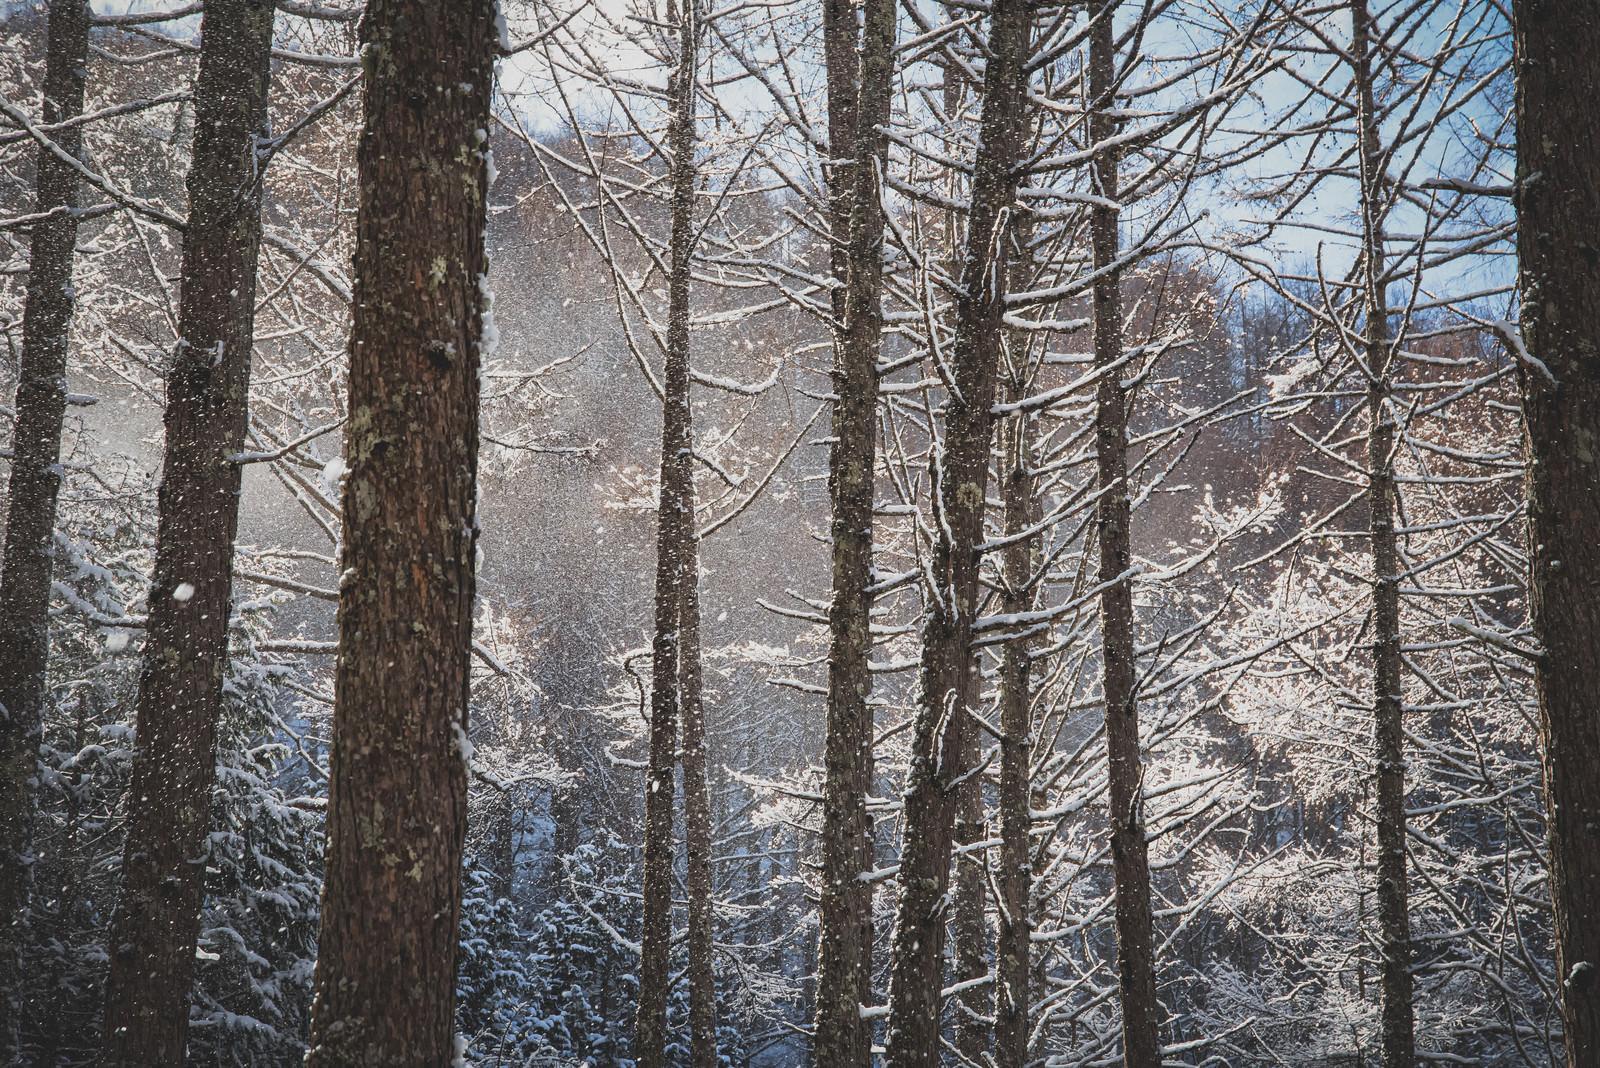 「垂れ雪がきらめく森」の写真